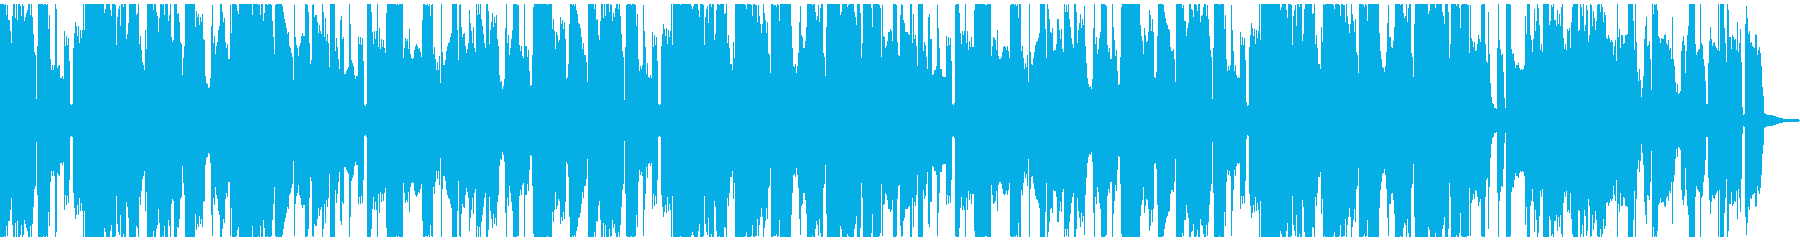 ブルージーでかっこいいハーモニカブルースの再生済みの波形